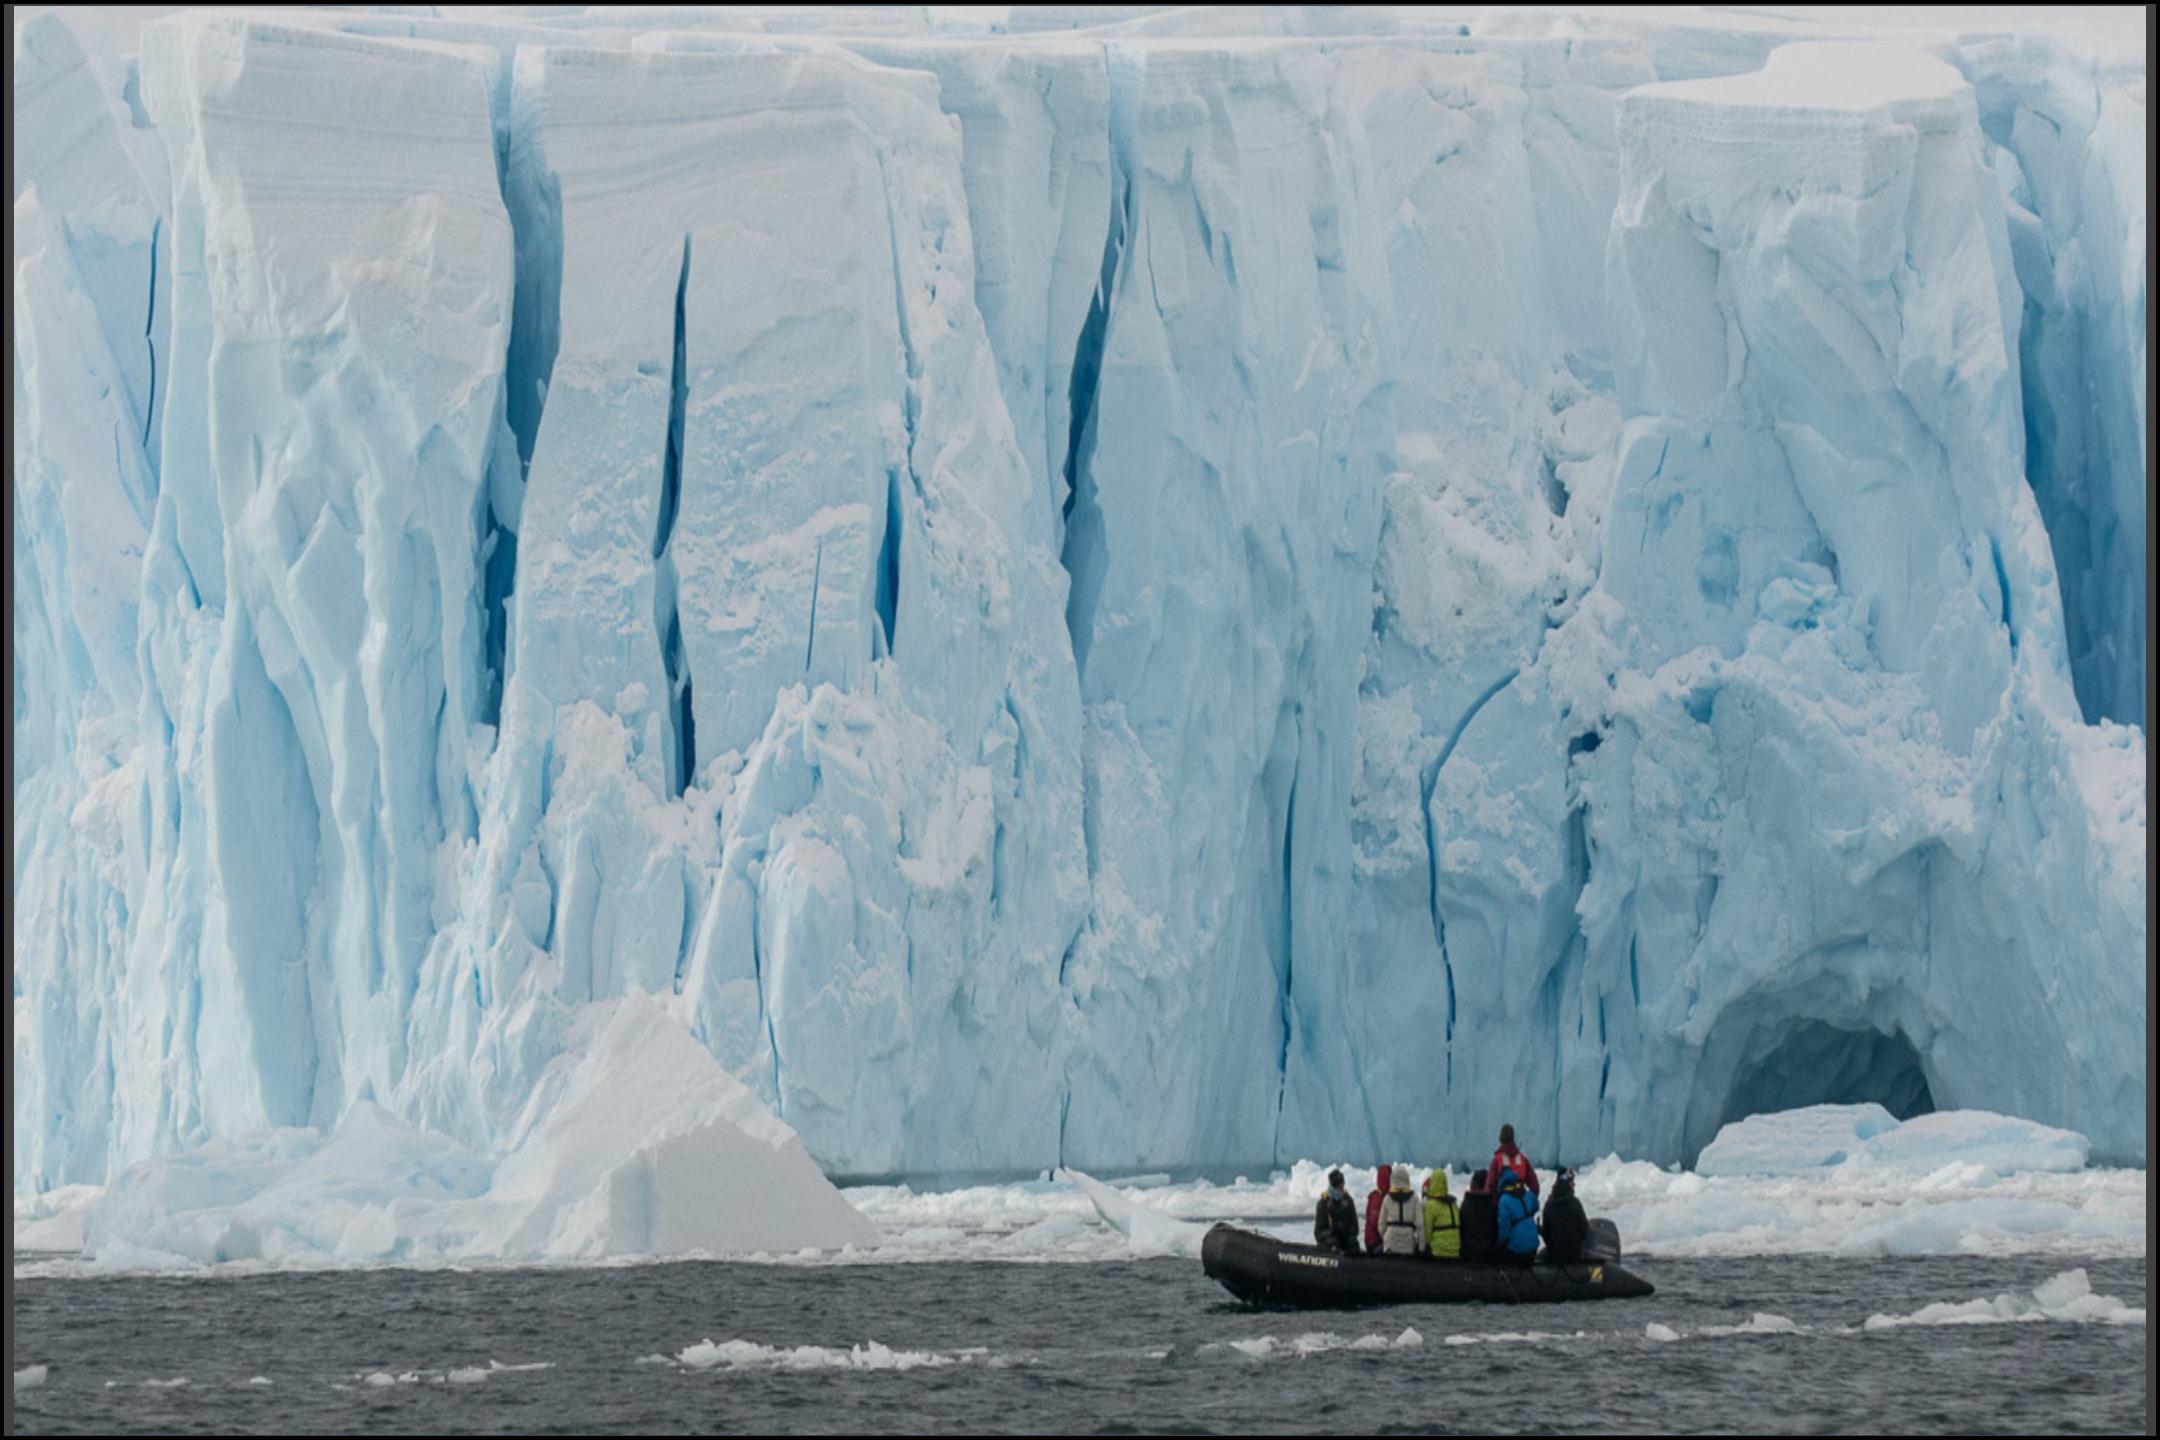 Ice Breakup in Antarctica